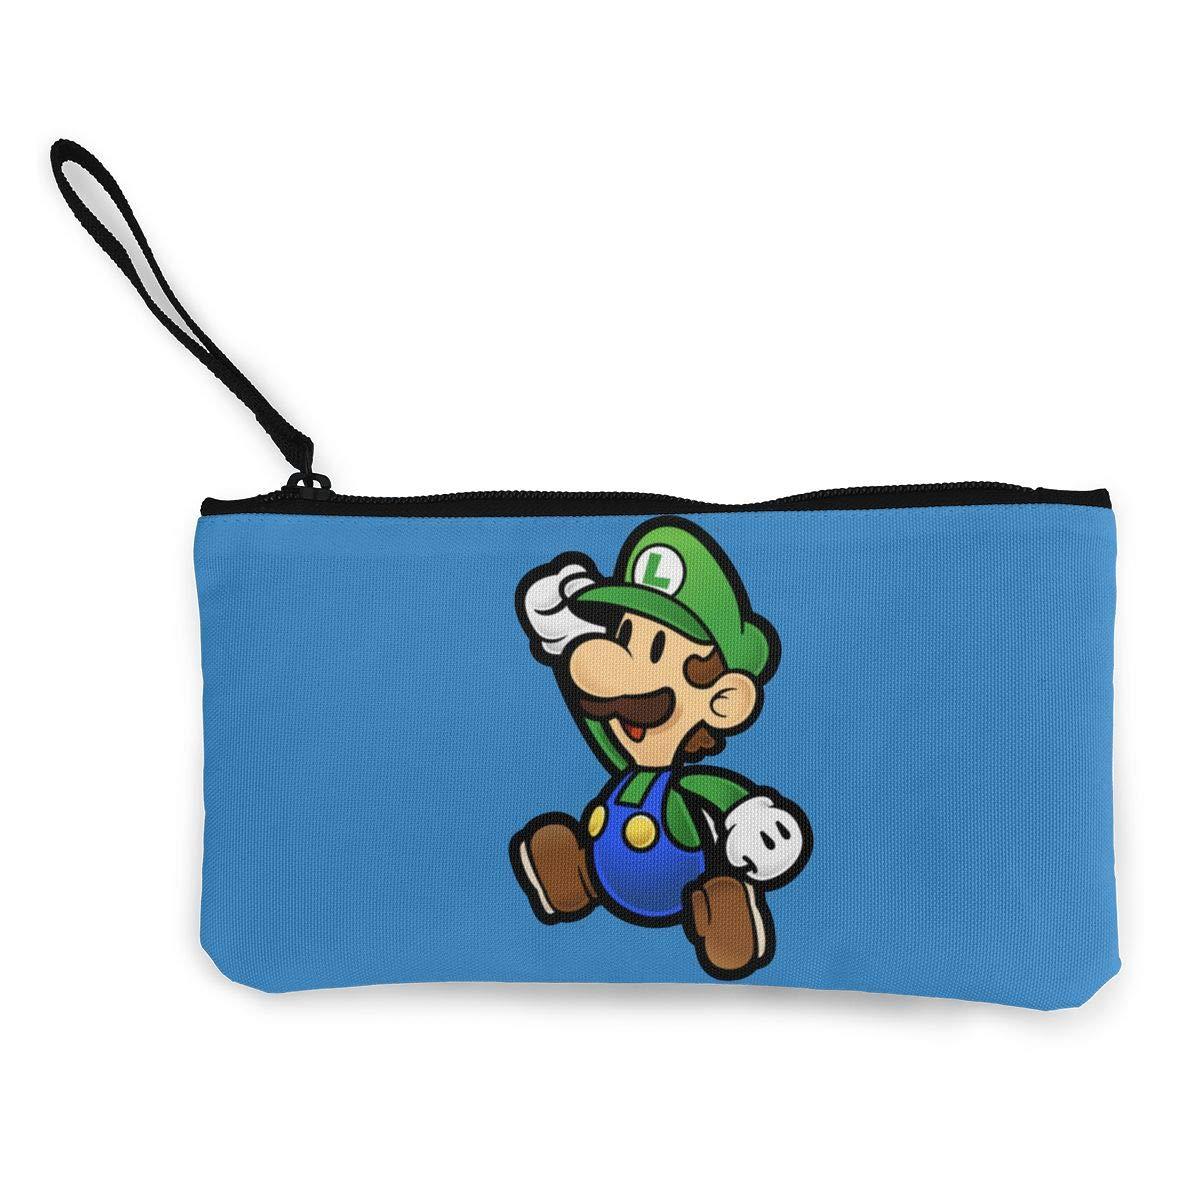 Super Mario Green Mushroom Monedero de Lona Lindo y liviano ...